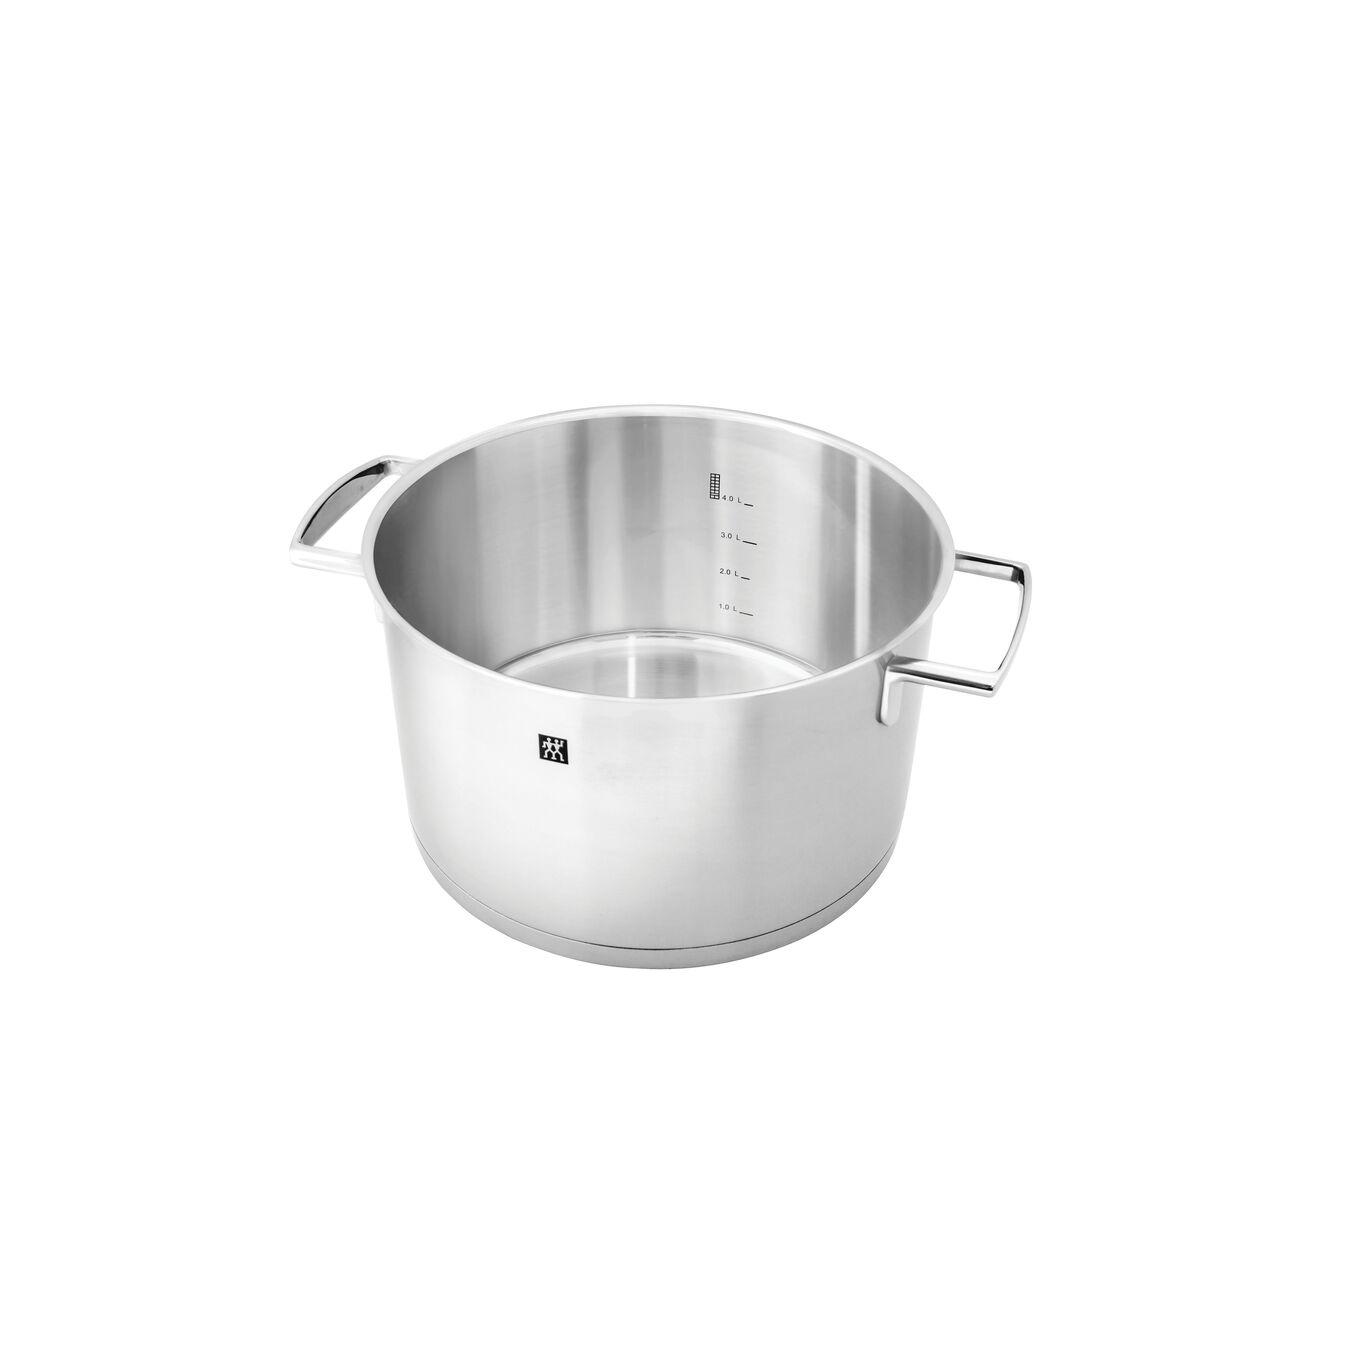 10-pcs 18/10 Stainless Steel Set de casseroles et de poêles,,large 6